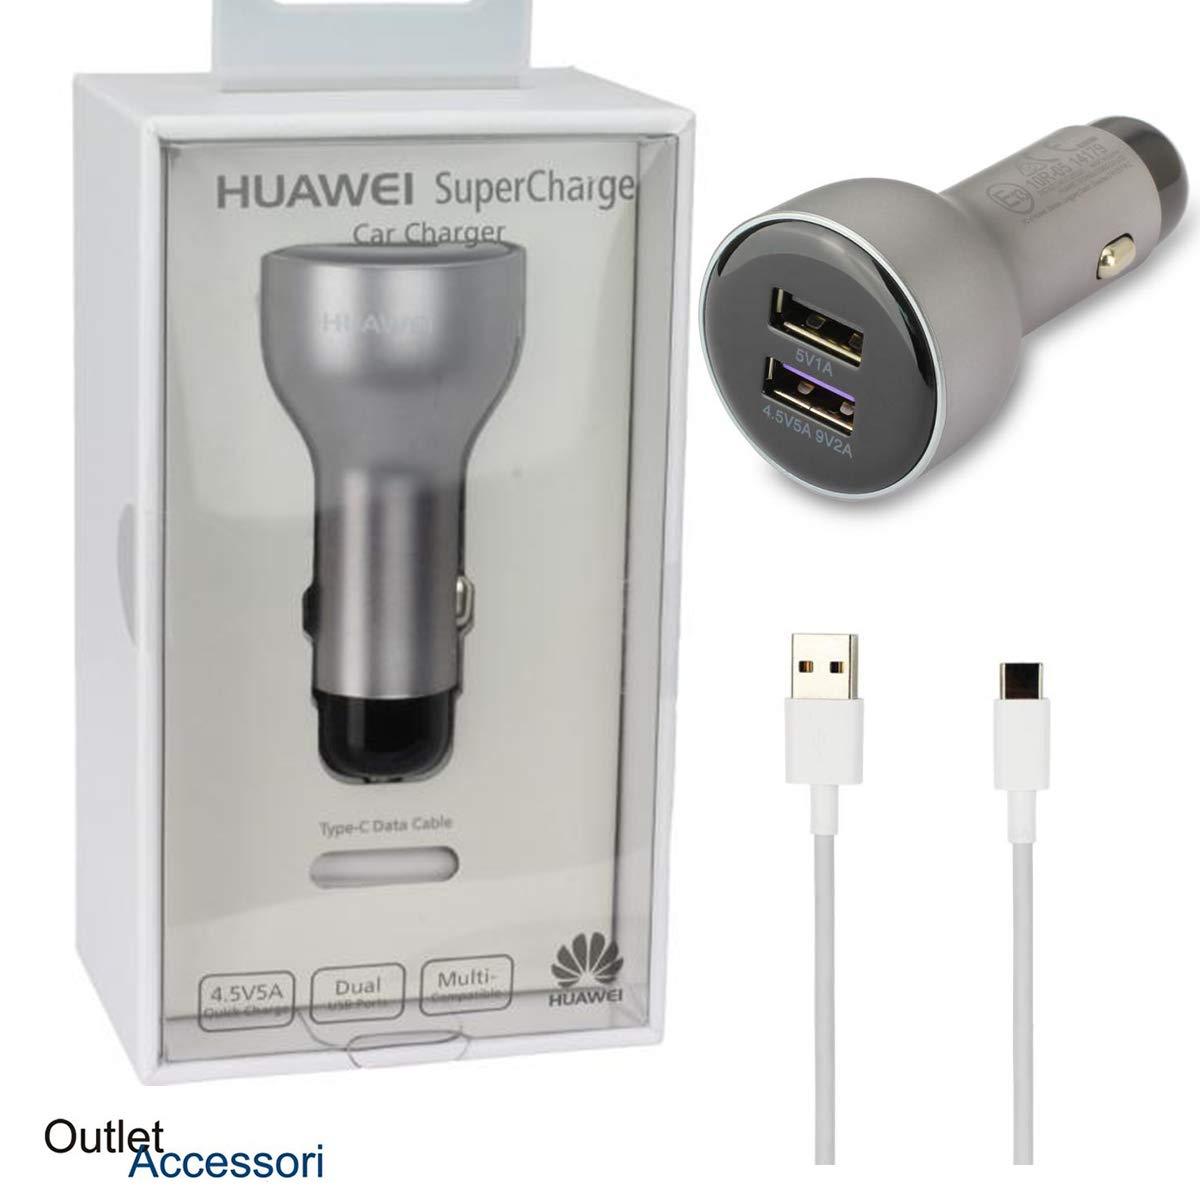 Huawei Car Charger Supercharge Super AP38 Cargador de Coche Doble ...